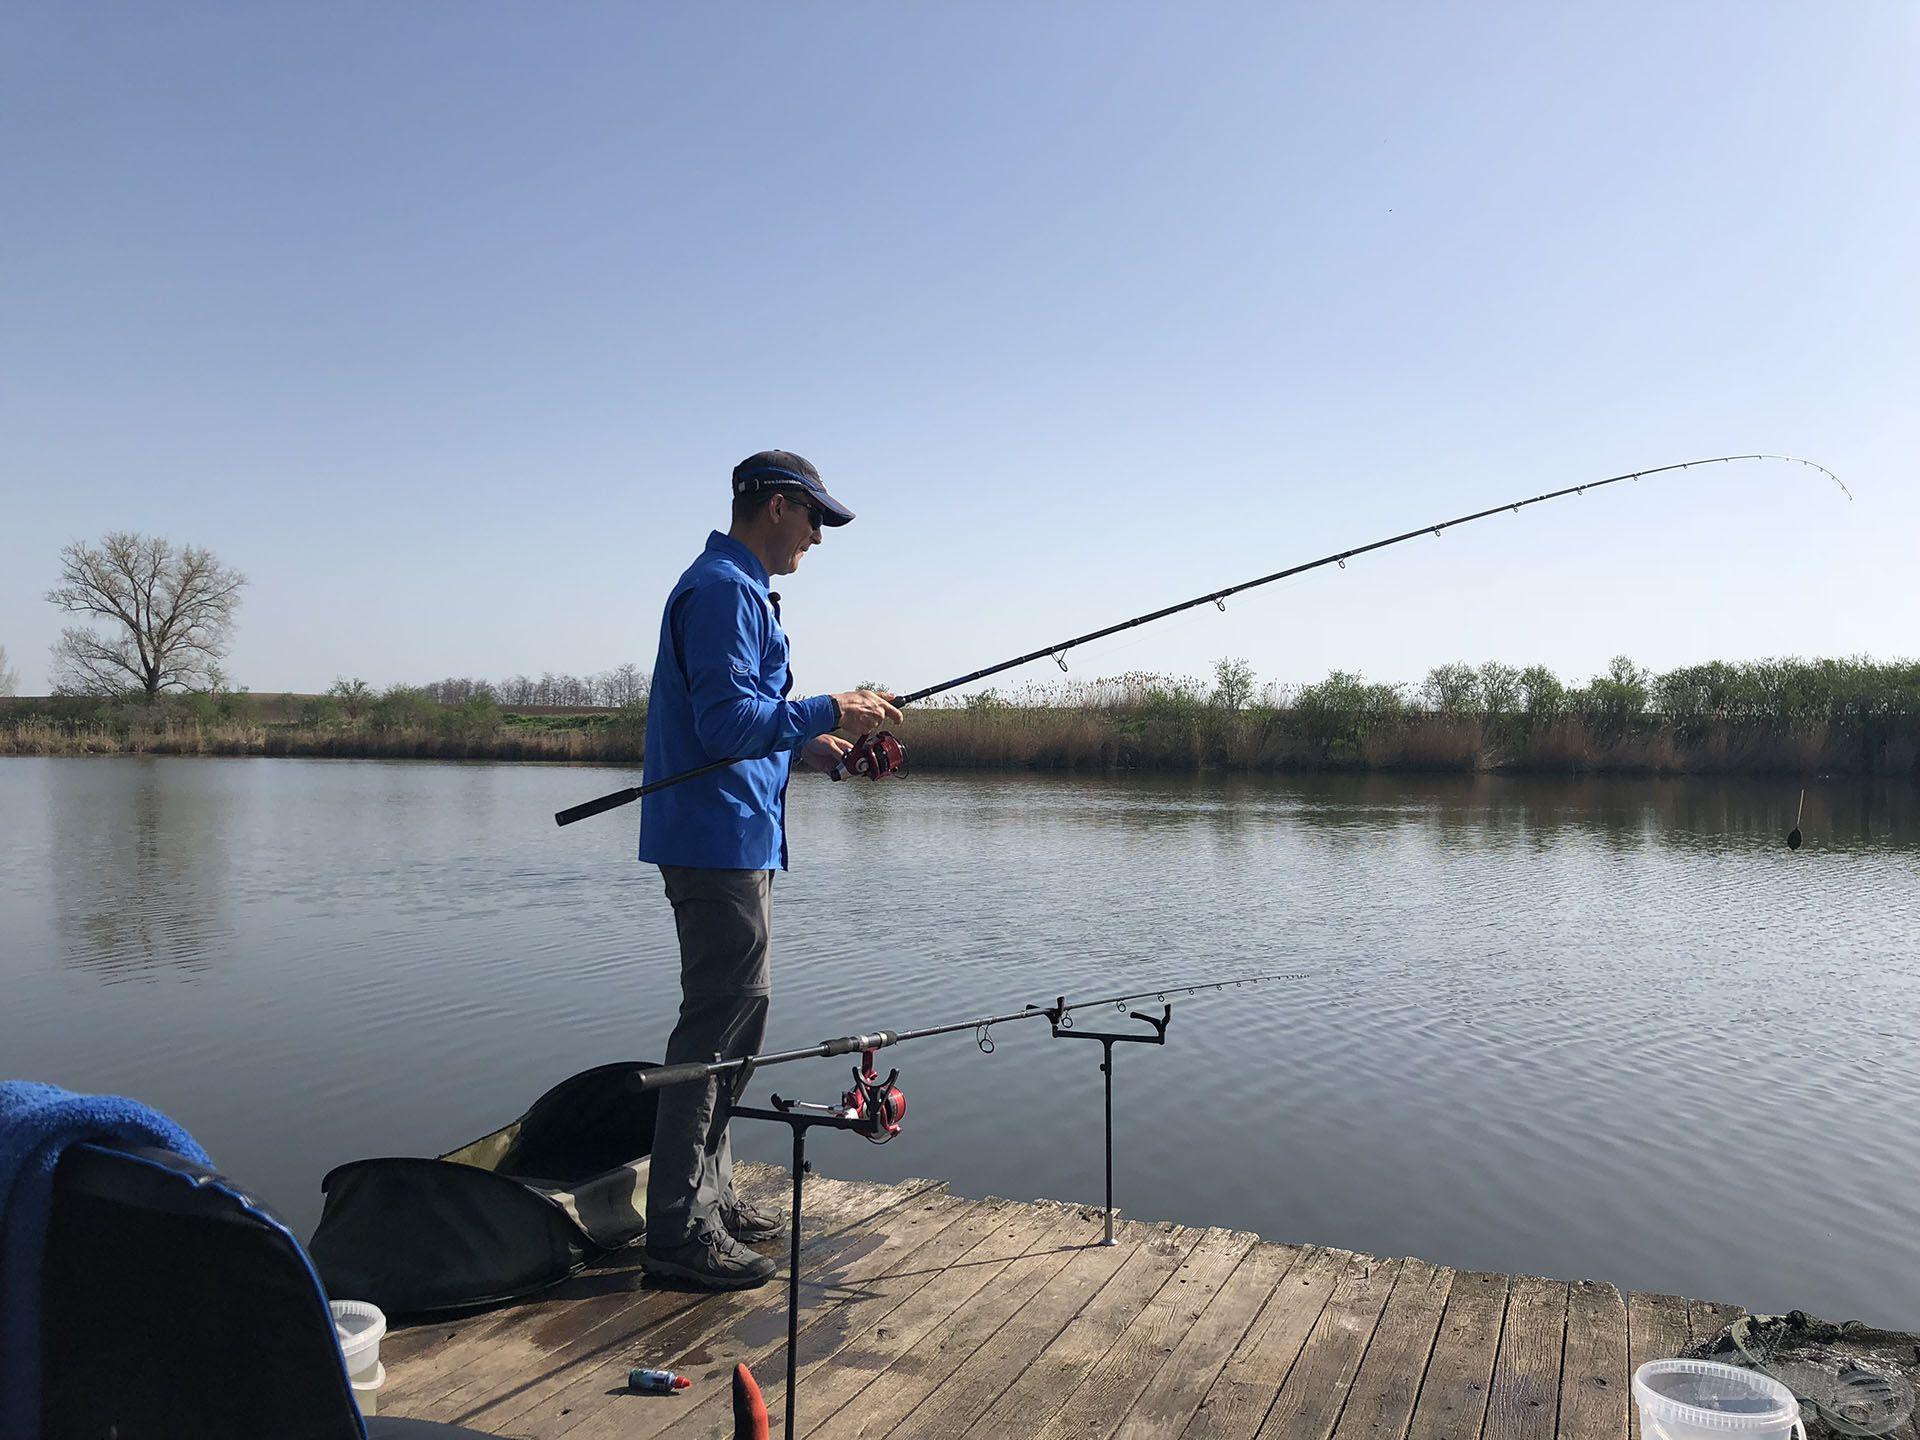 4 sikertelen dobás után úgy döntöttem, hogy megváltoztatom a horgászat és a dobások irányát